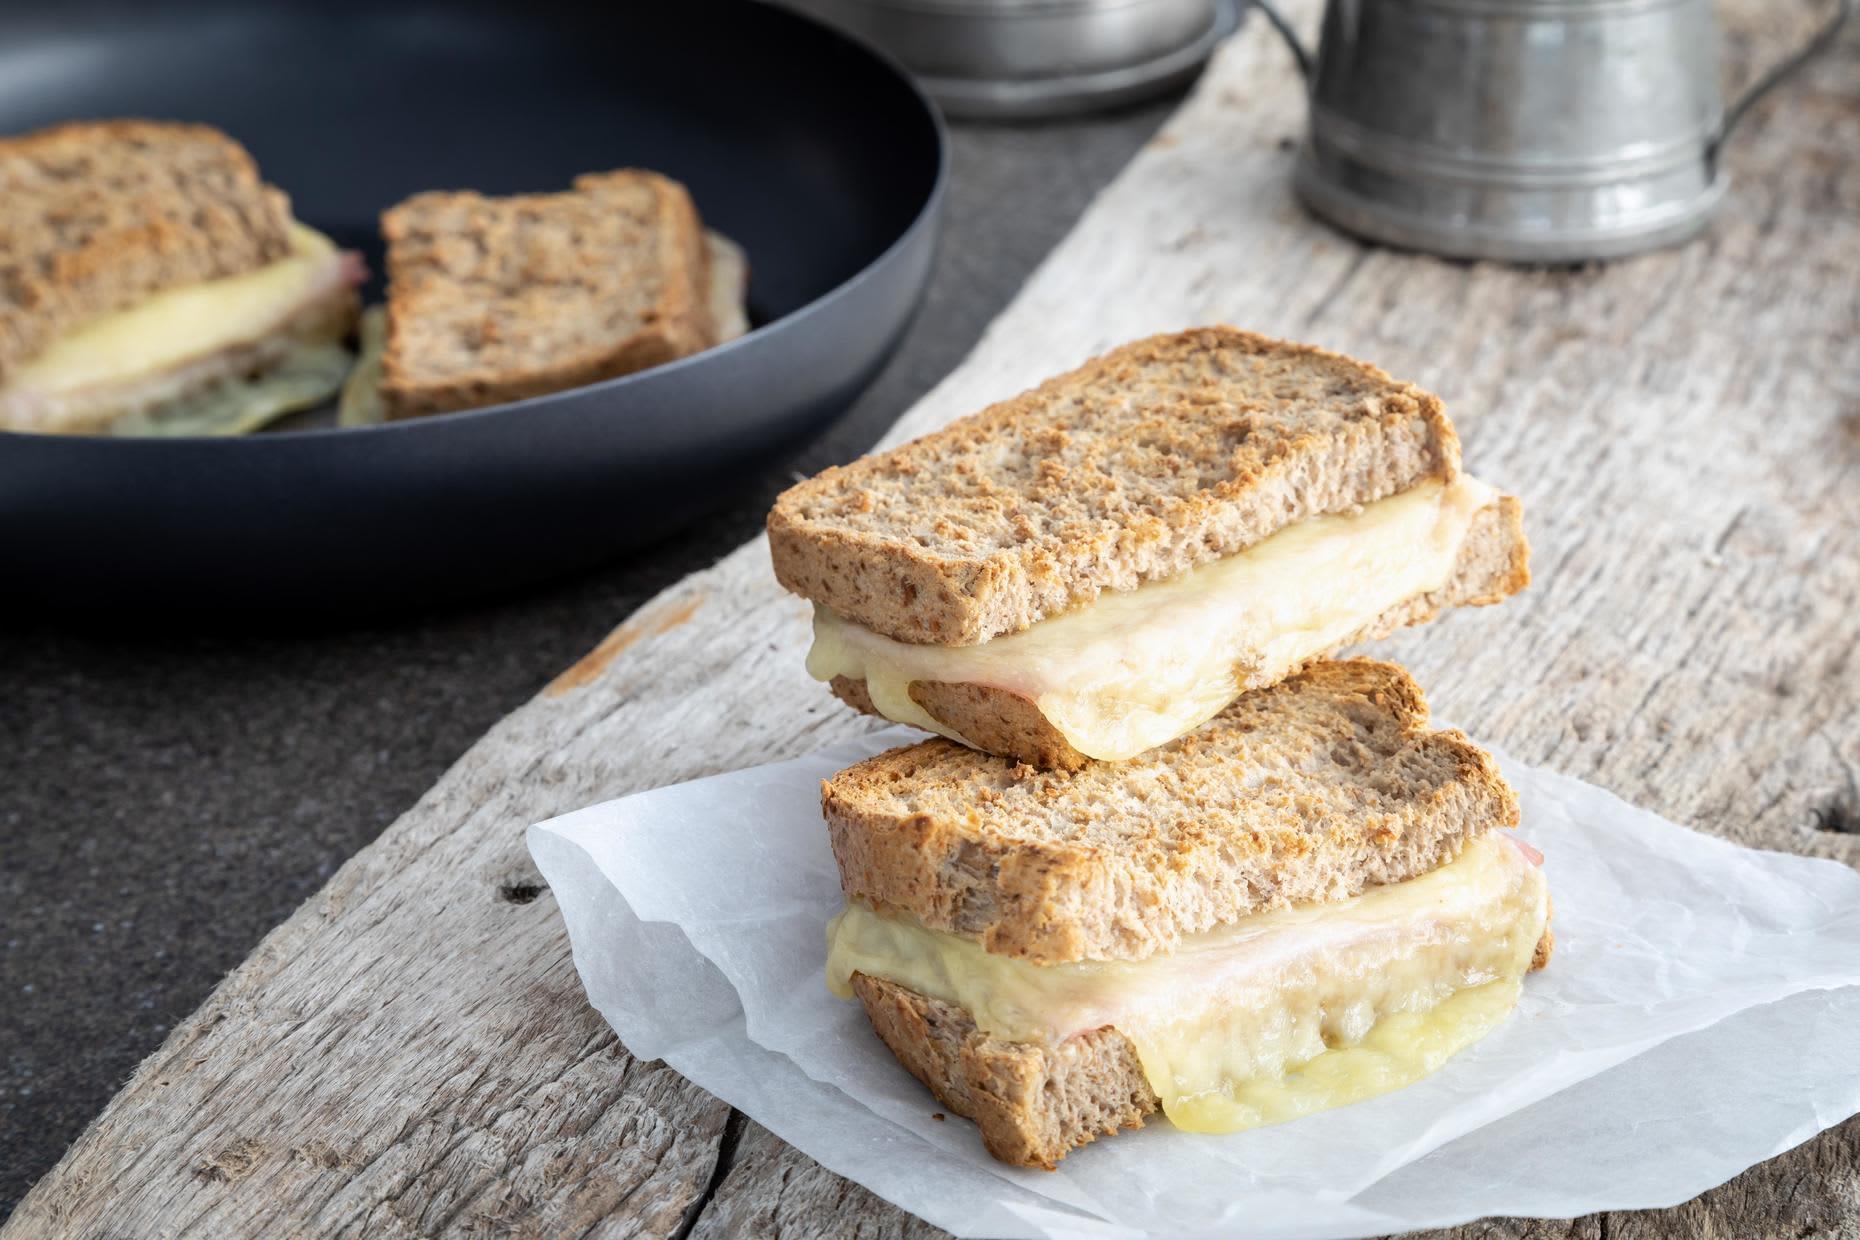 Fyr opp et bål eller primus og stek ostesmørbrødene.